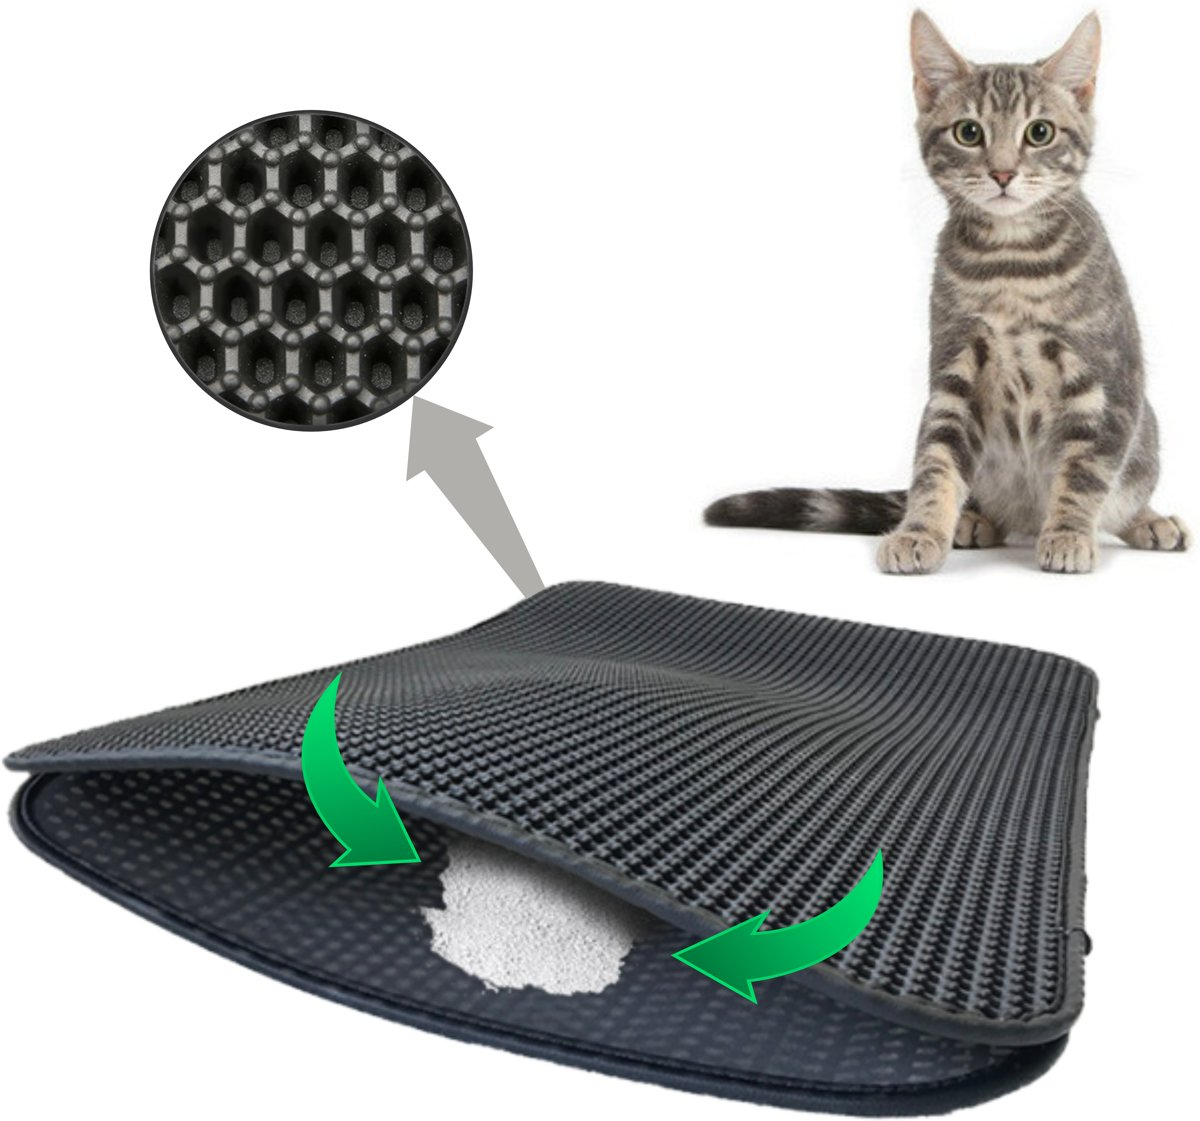 Kattenbakmat - Katten - Dubbele laag kattenbakvulling - Mat trapper - Opvang ruimte - Kattengrit opvangen - Honingraat - Waterdicht - Ademend - Zilver Grijs - Leren rand -Maat 40 x 50 - Eco-friendly kopen